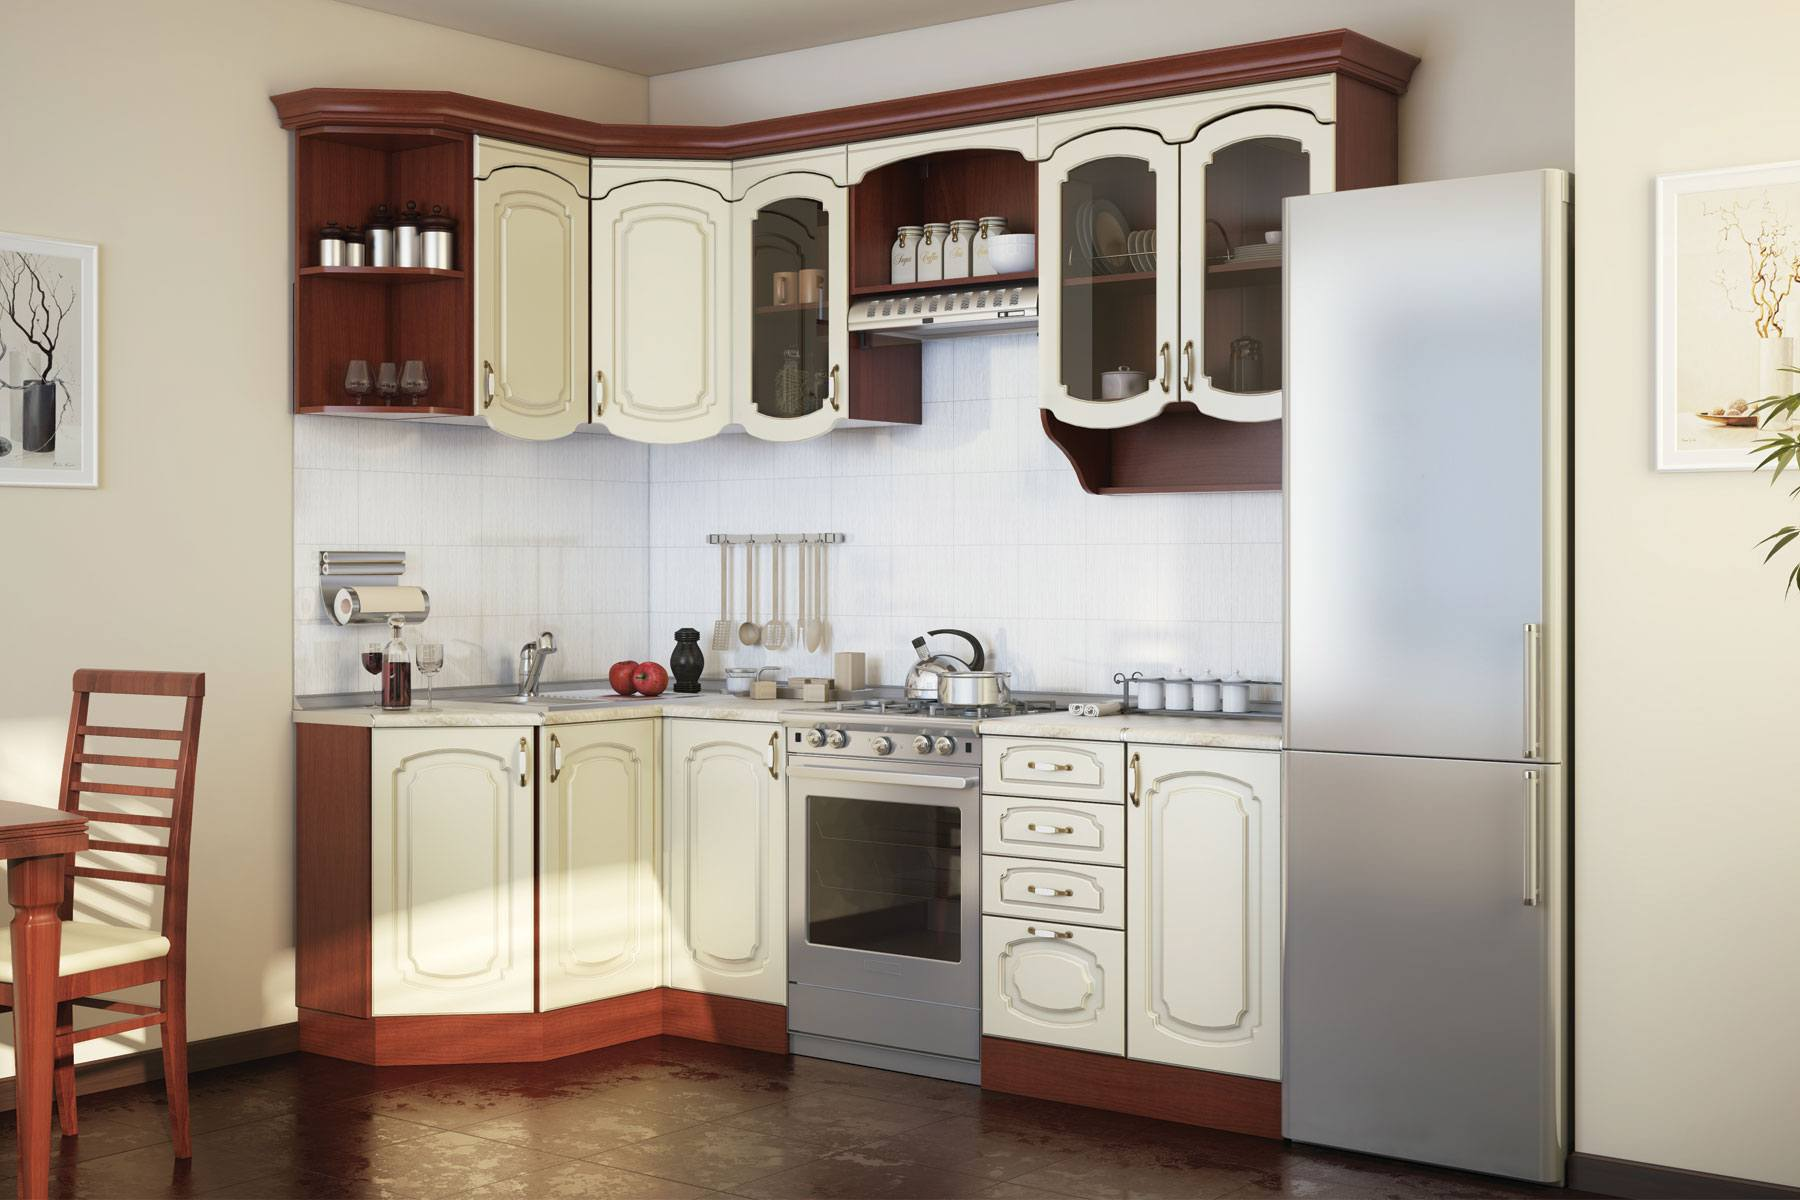 Кухня Эмилия (крем) на заказ приемыхов в витька винт и севка кухня